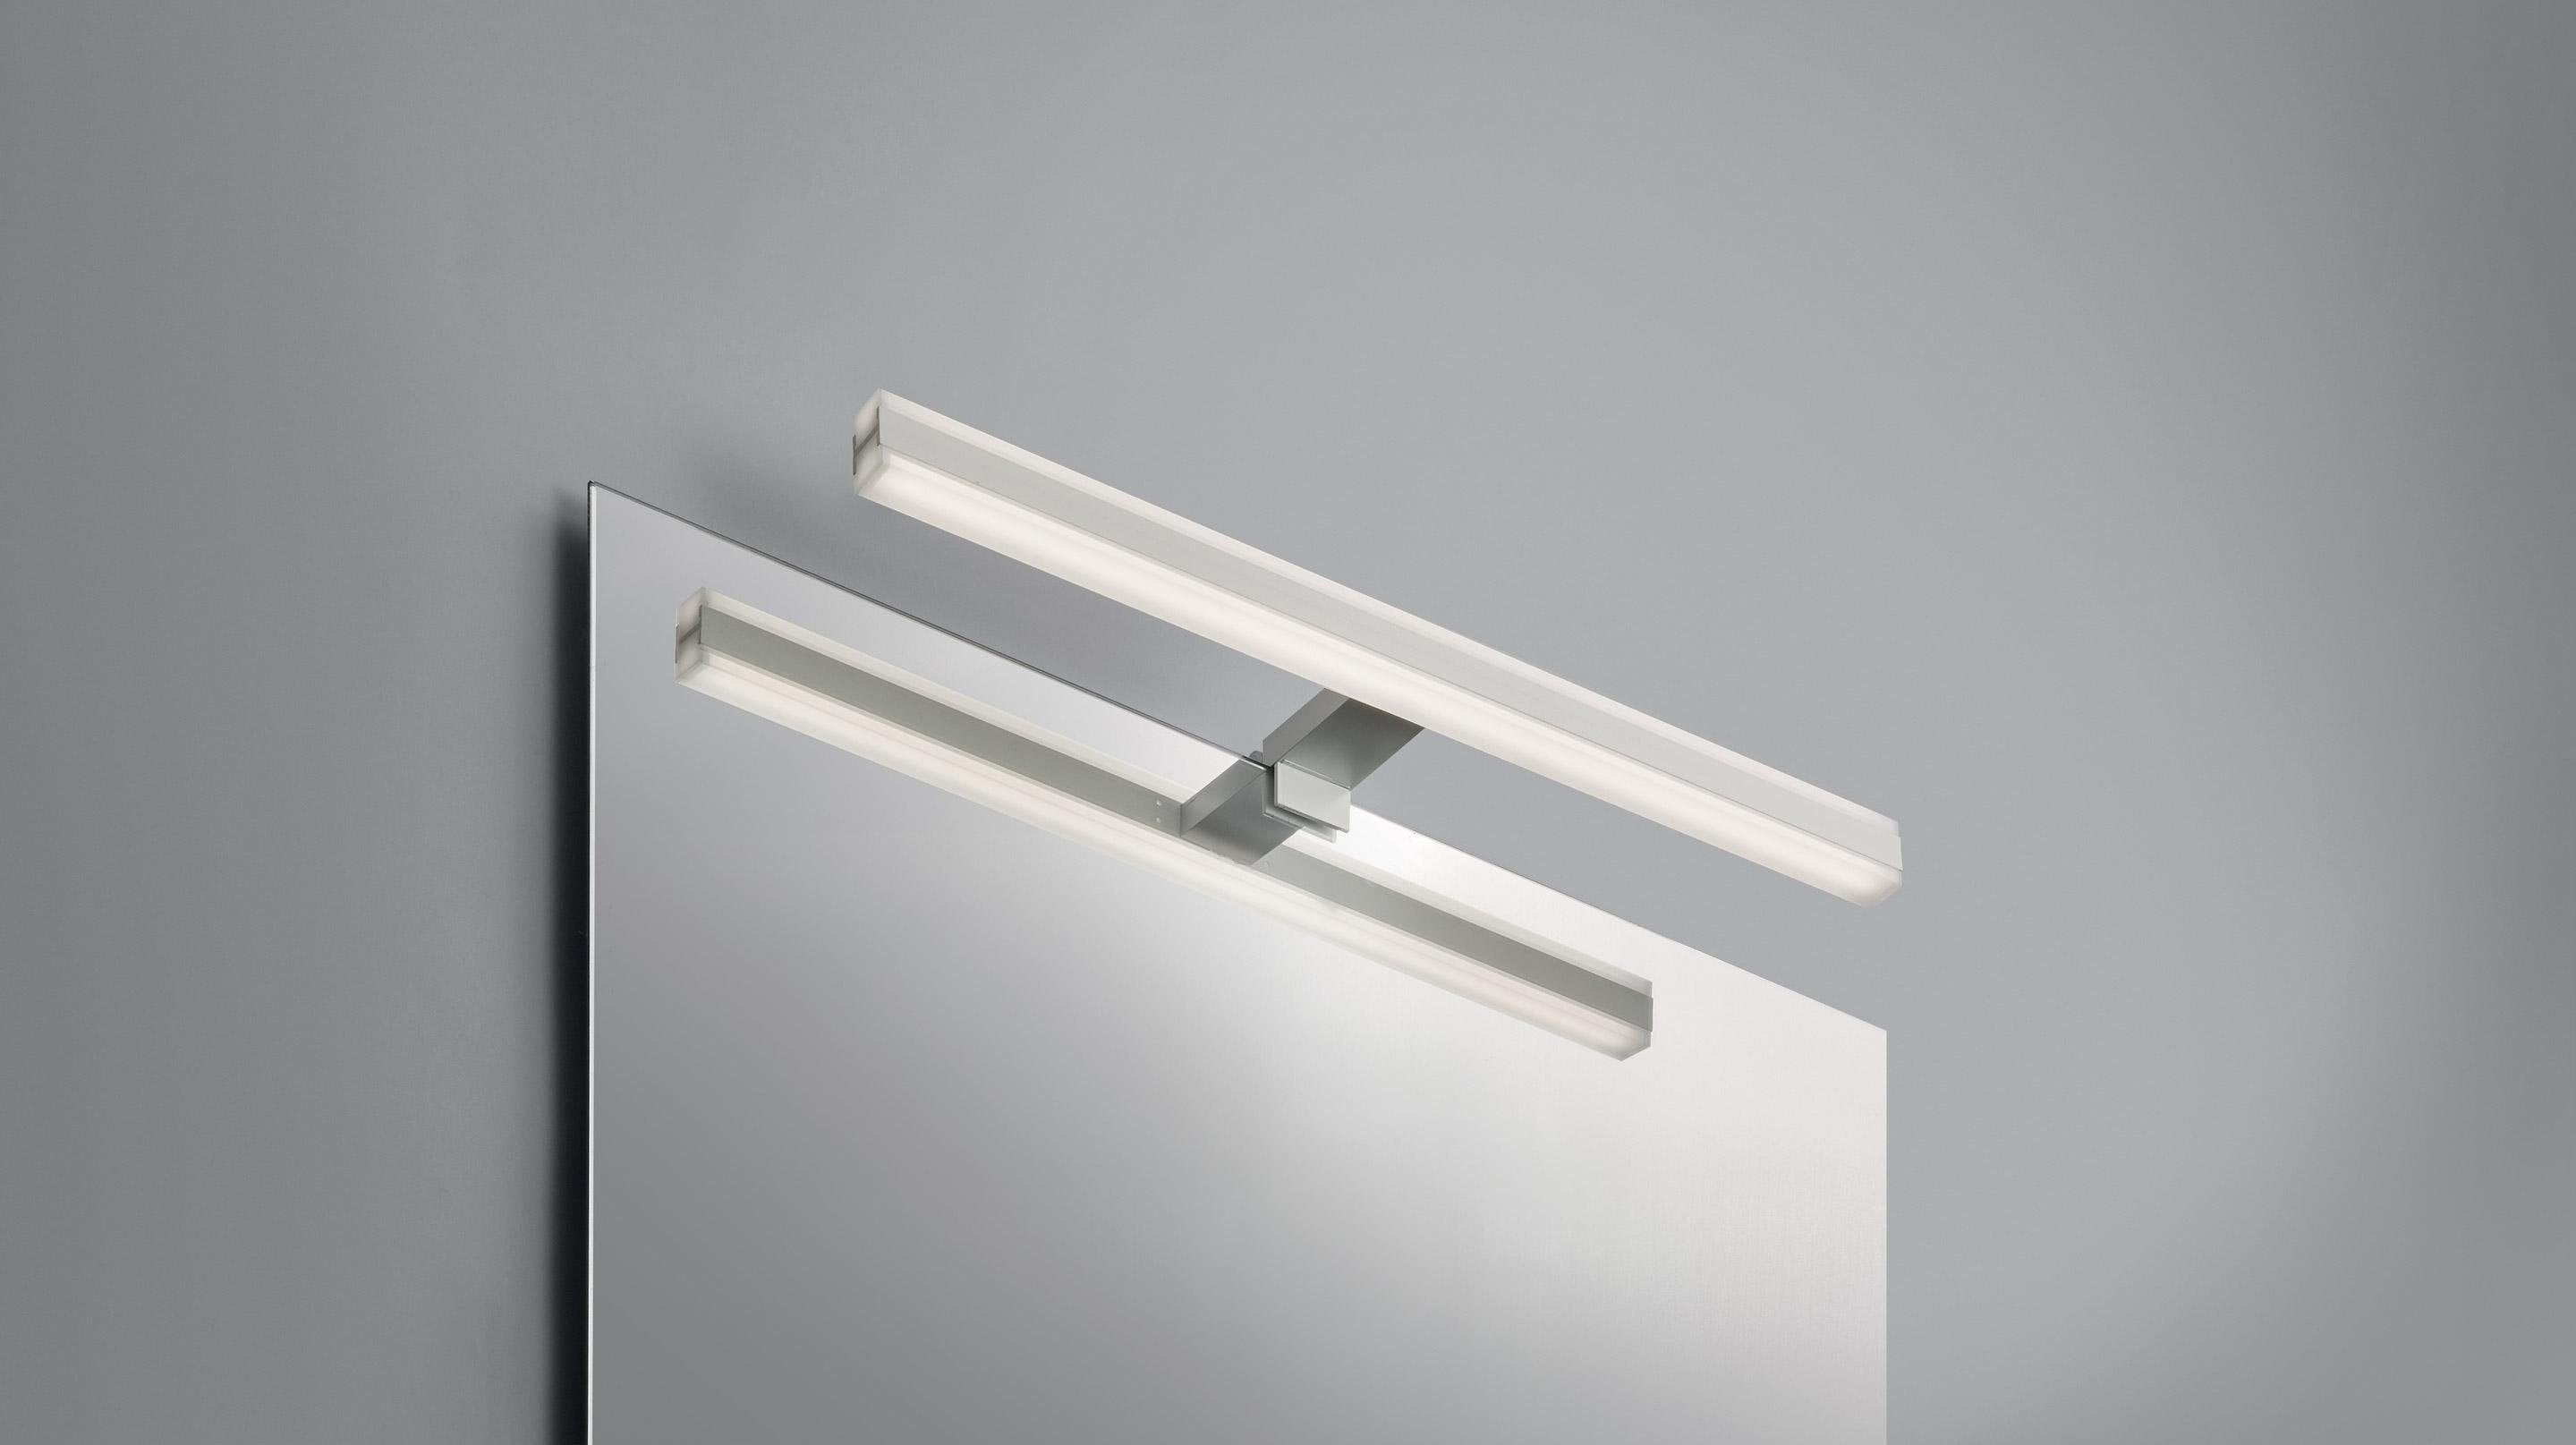 Applique, design métal blanc led intégrée LUMIPLUS Triberg